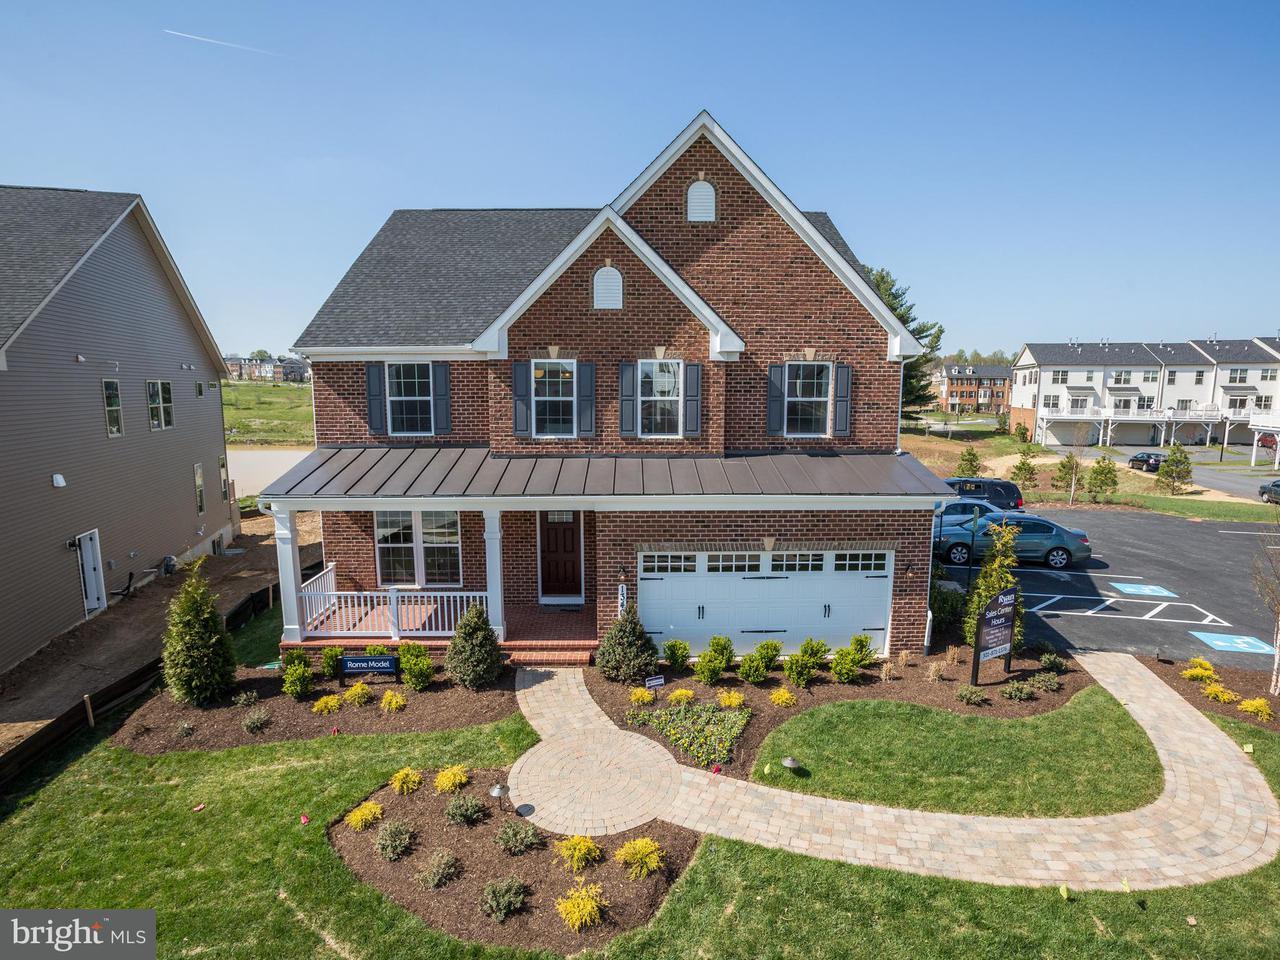 獨棟家庭住宅 為 出售 在 4206 Camberwell Lane 4206 Camberwell Lane Burtonsville, 馬里蘭州 20866 美國